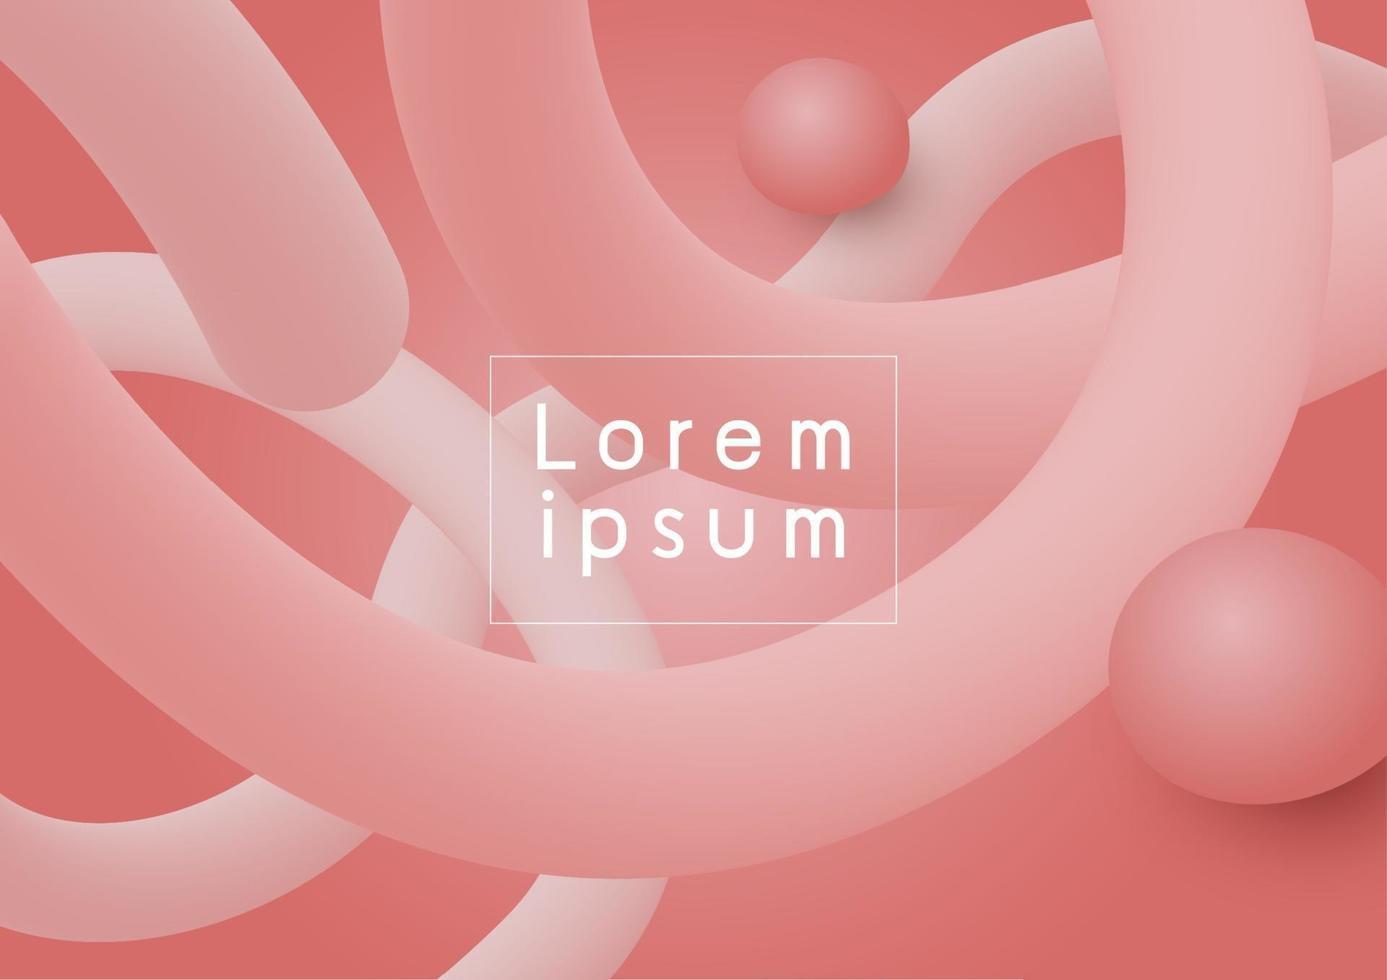 Diseño de fondo moderno abstracto de color coral fluido 3d que fluye ilustración vectorial vector